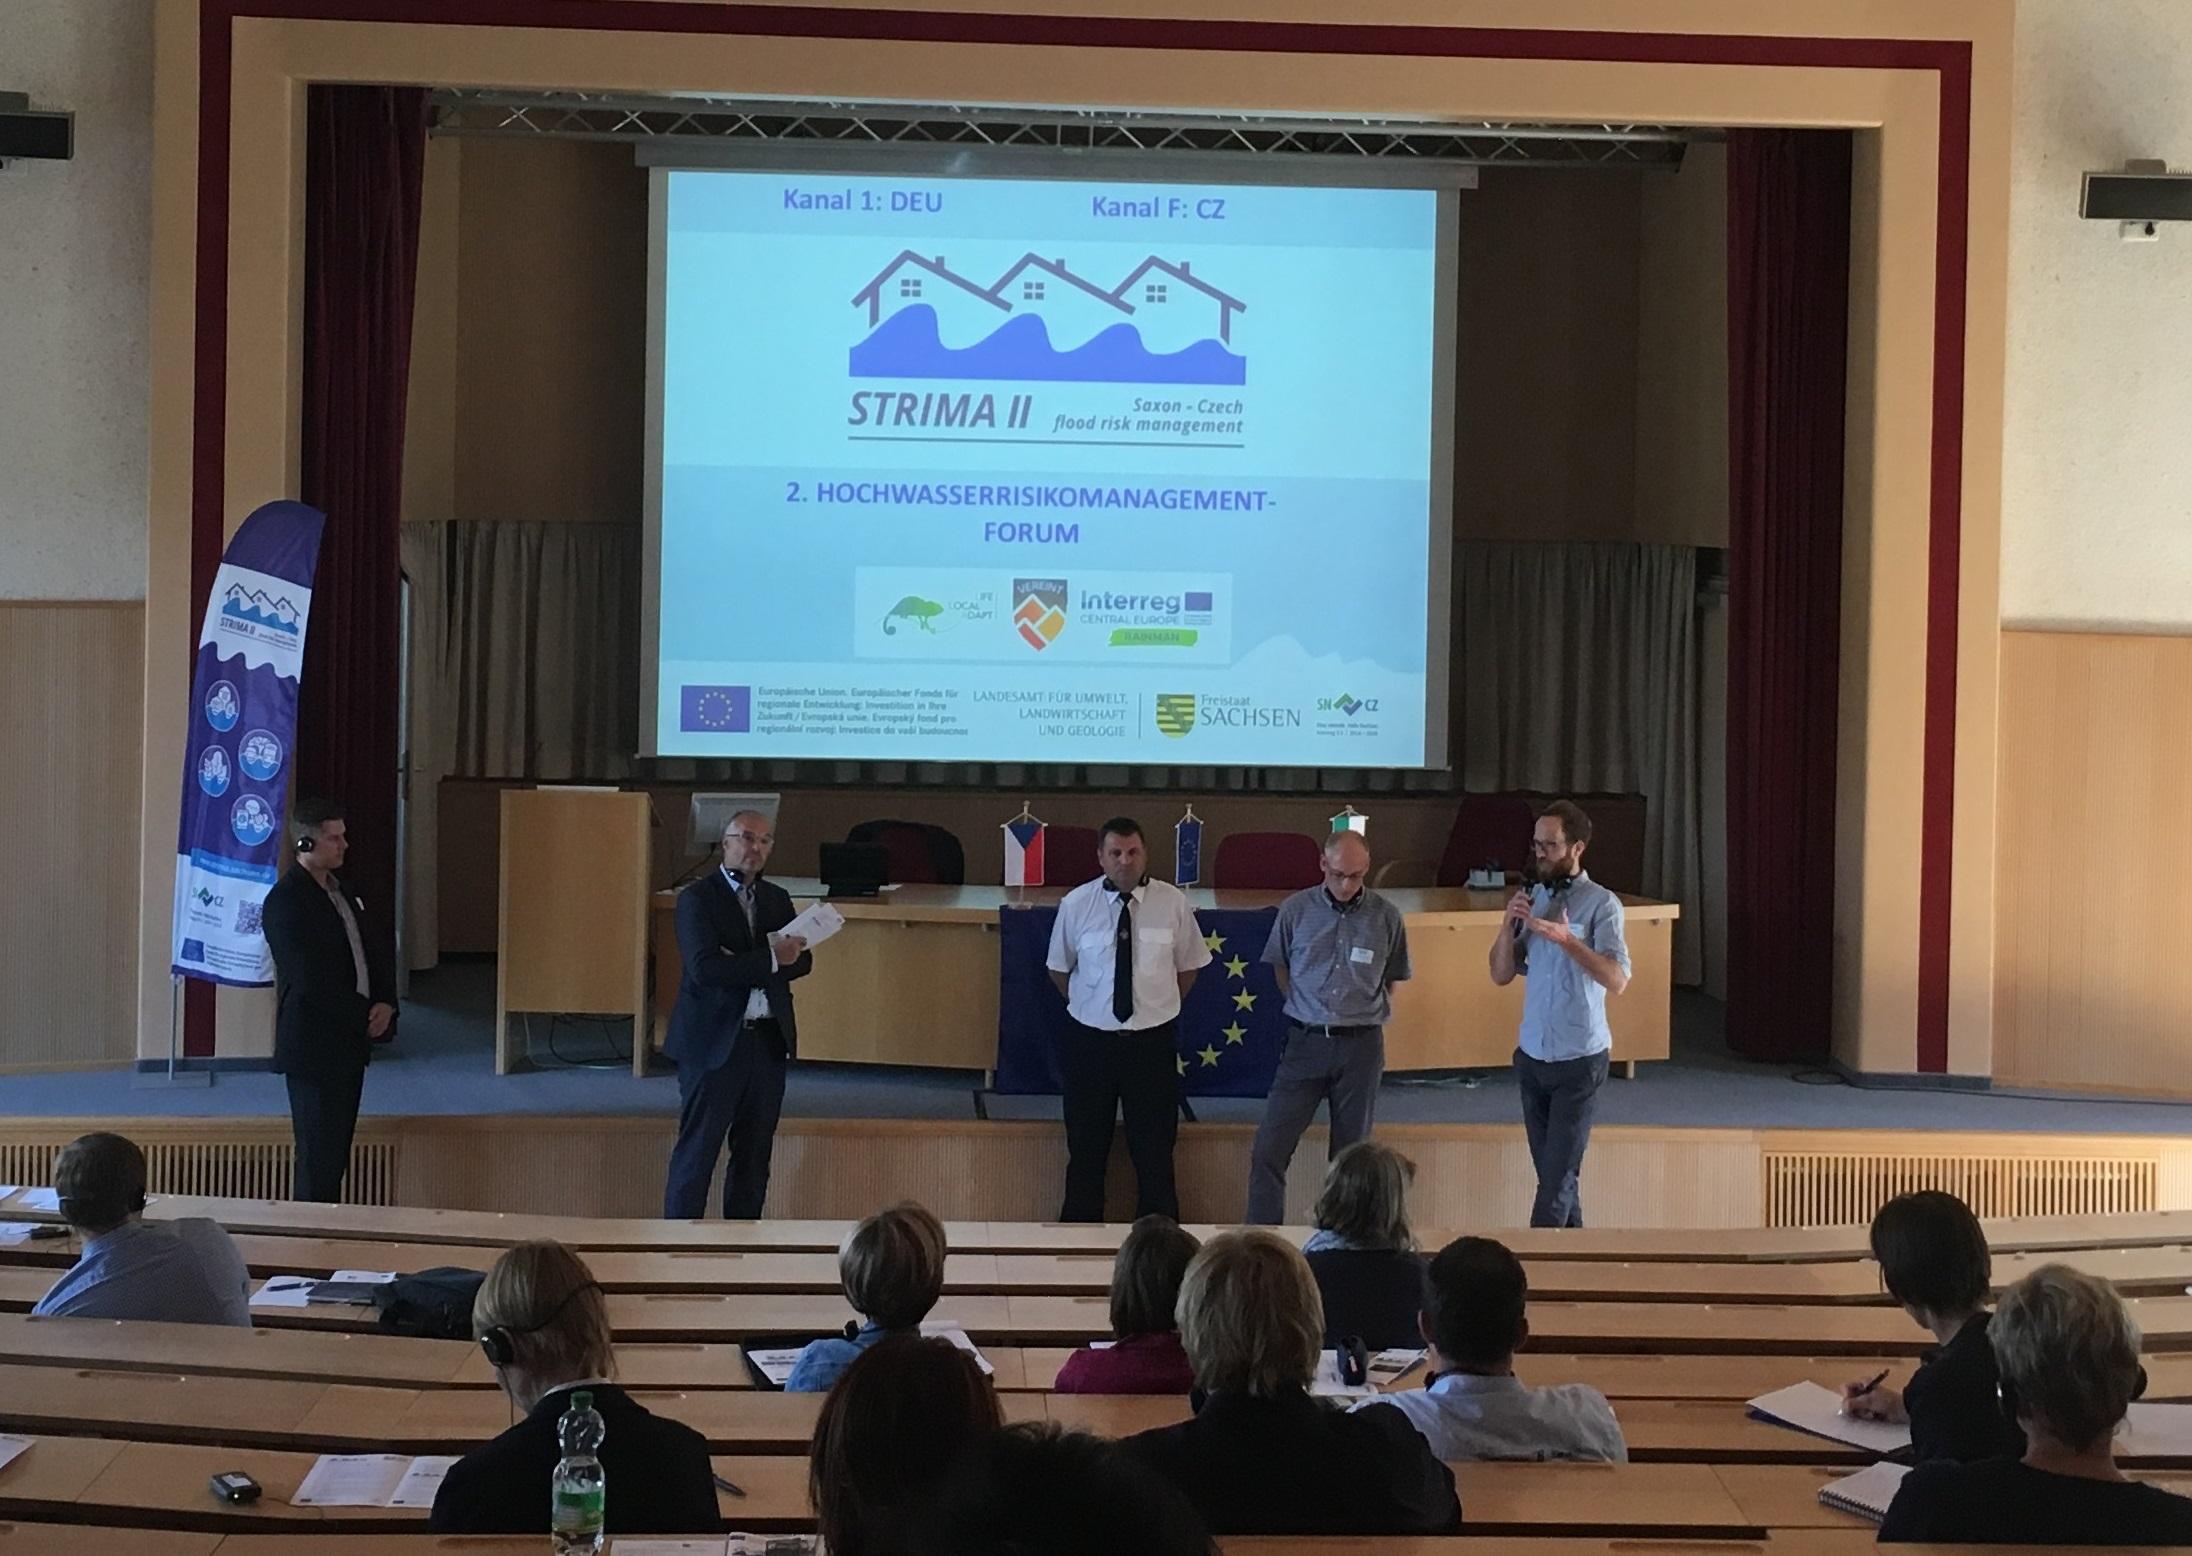 zweites Hochwasserrisikomanagement Forum 2018 in Pirna